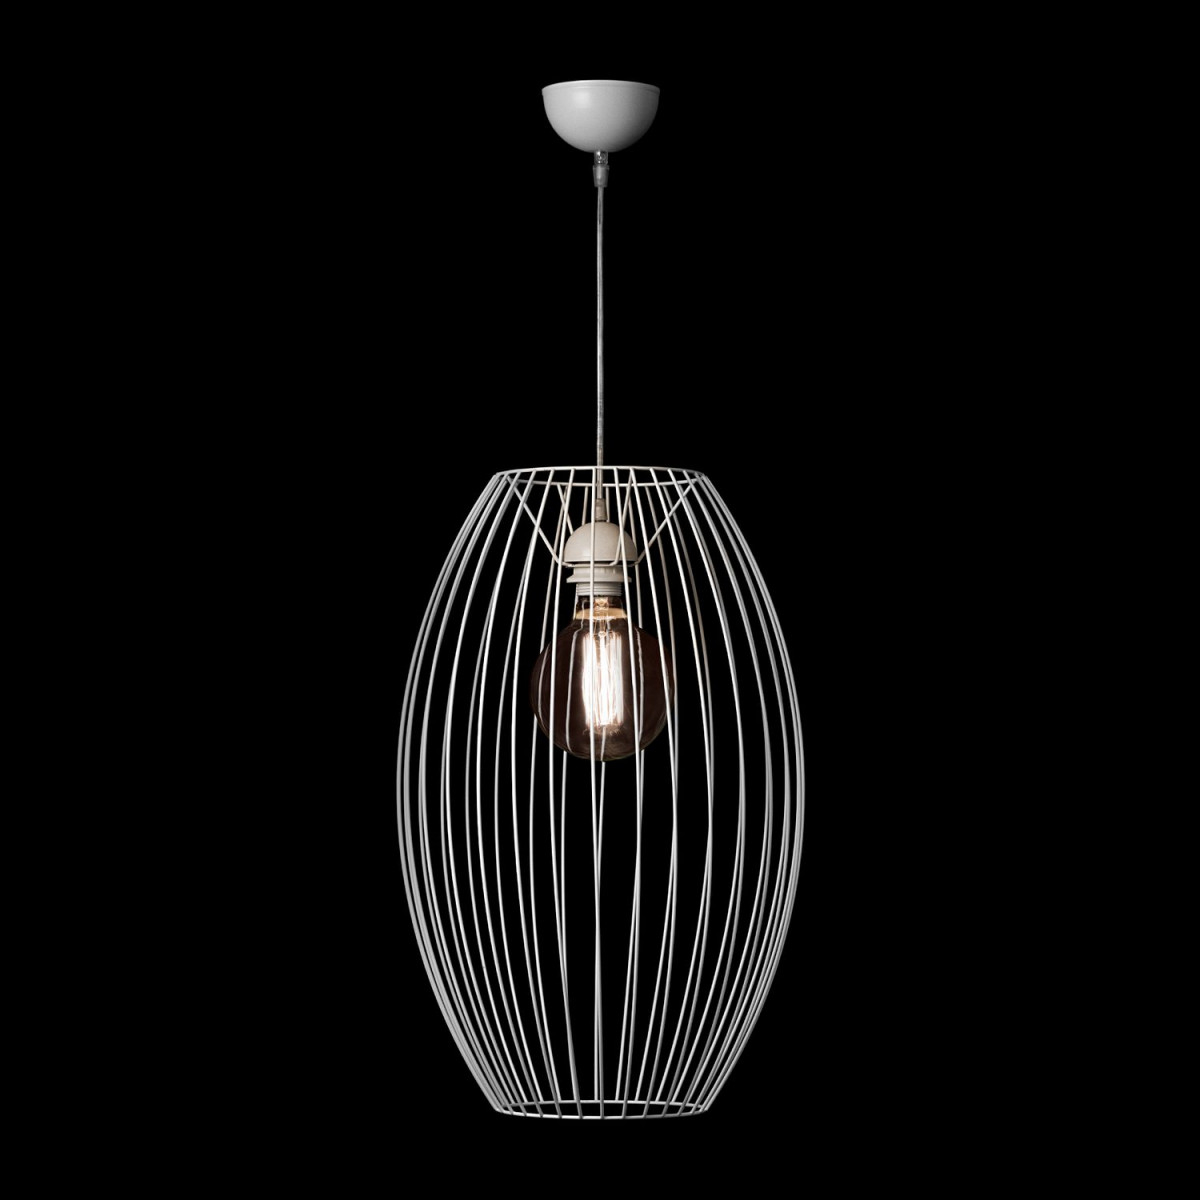 Lampe Modern Scandi Look Hängelampe Hängeleuchte Design Leuchte Wohnzimmer  Weiß von Wohnzimmer Lampe Weiß Bild